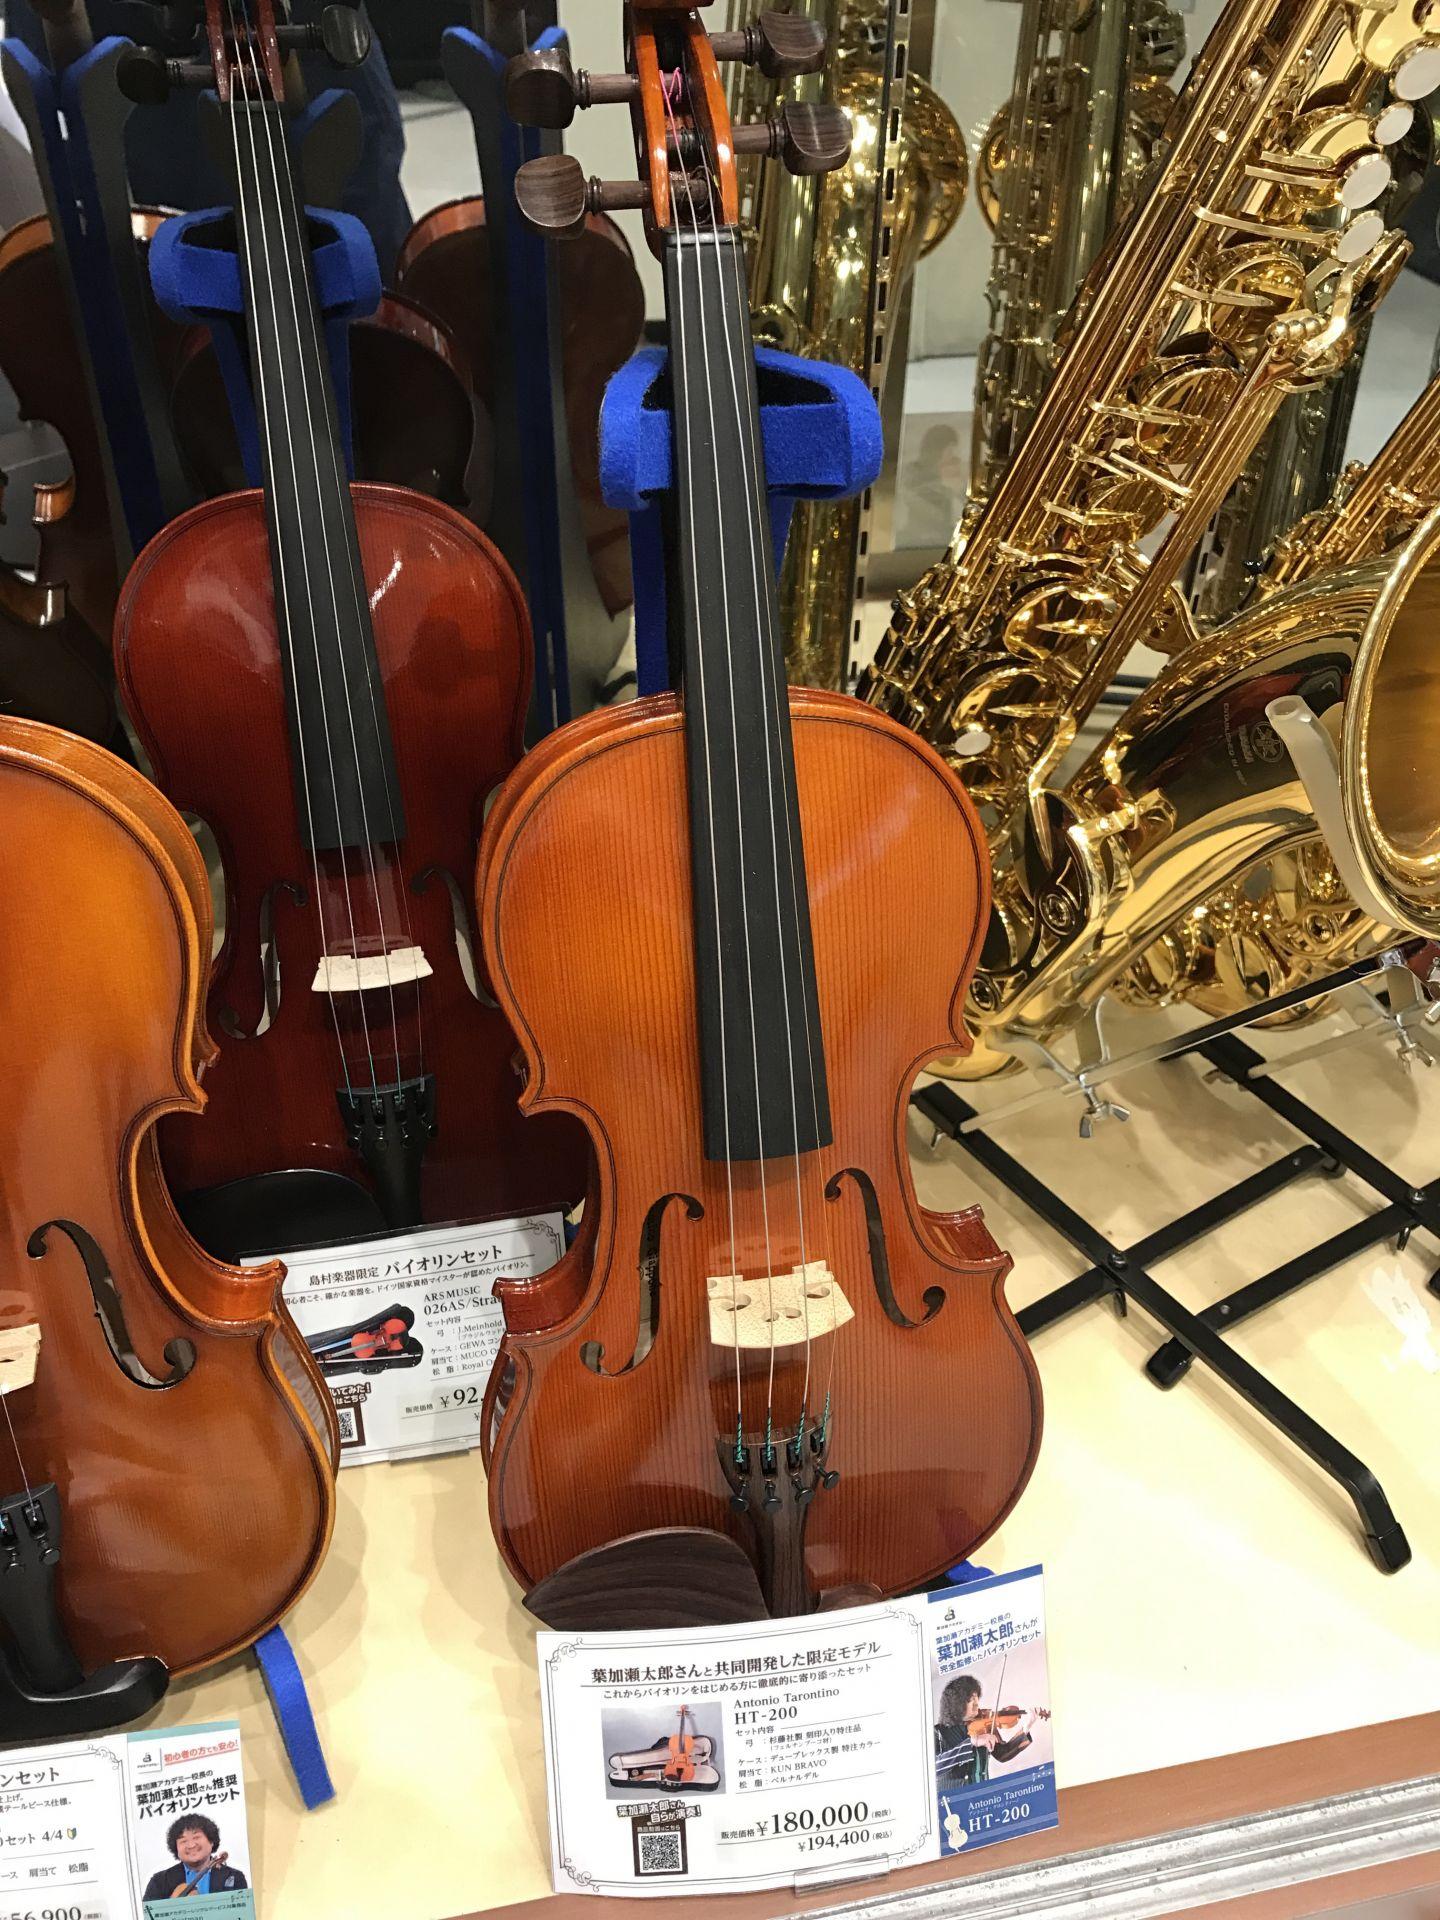 島村楽器イオンモール高崎店 バイオリン 葉加瀬太郎 HT-200